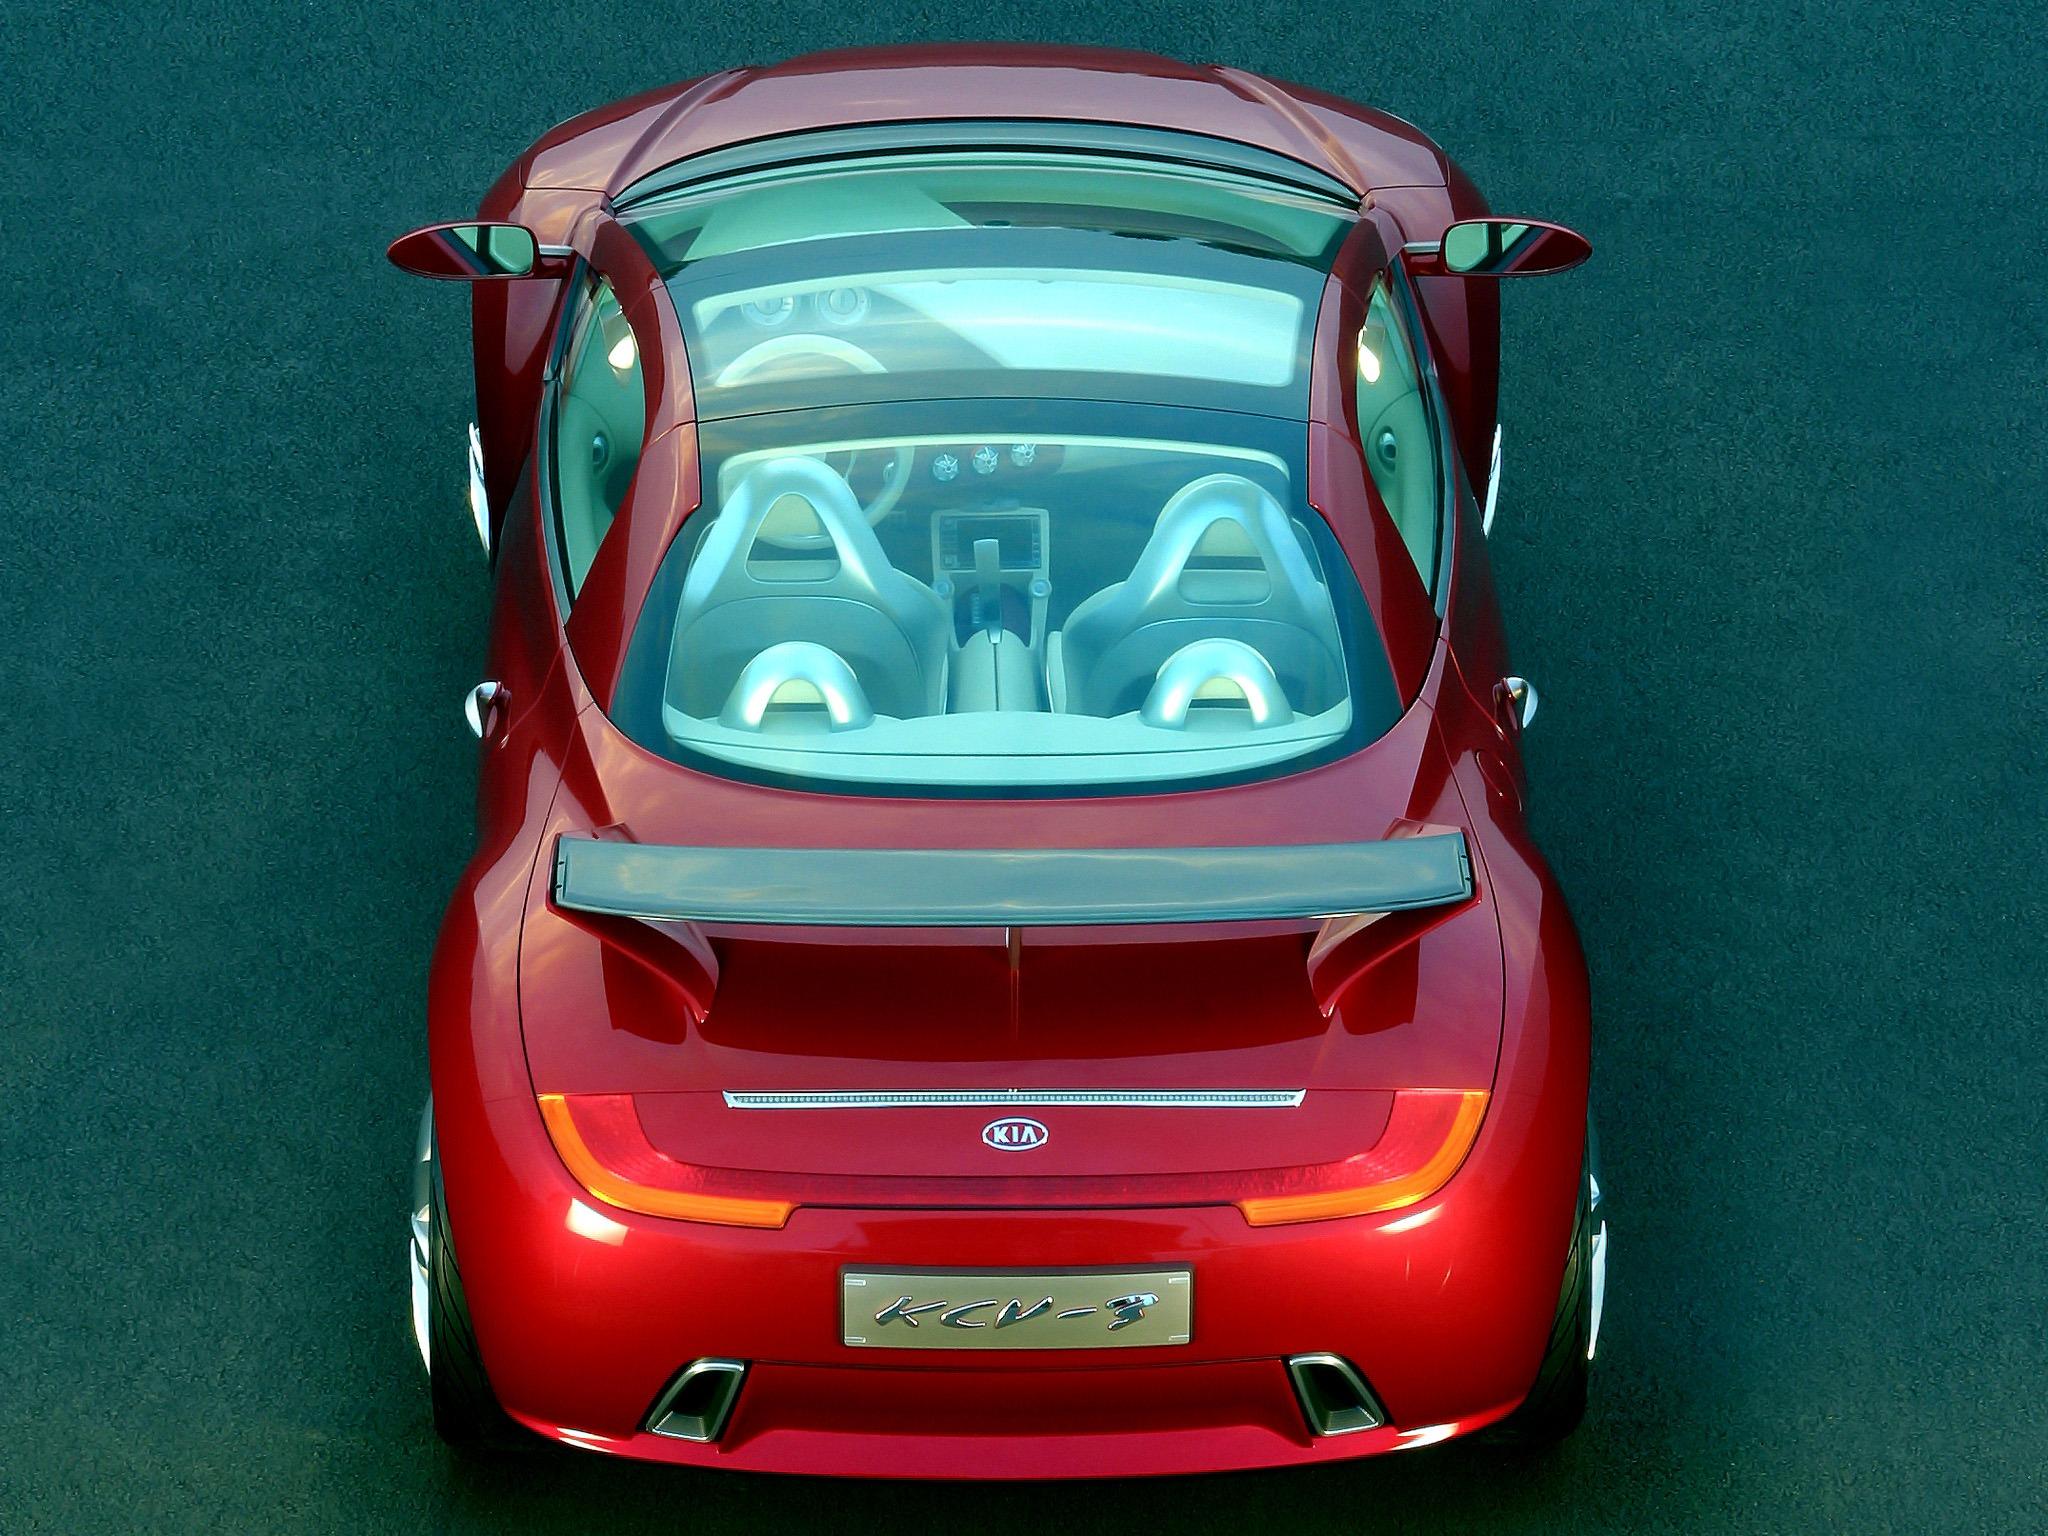 Kia Kcv Iii Concept 2003 Old Concept Cars